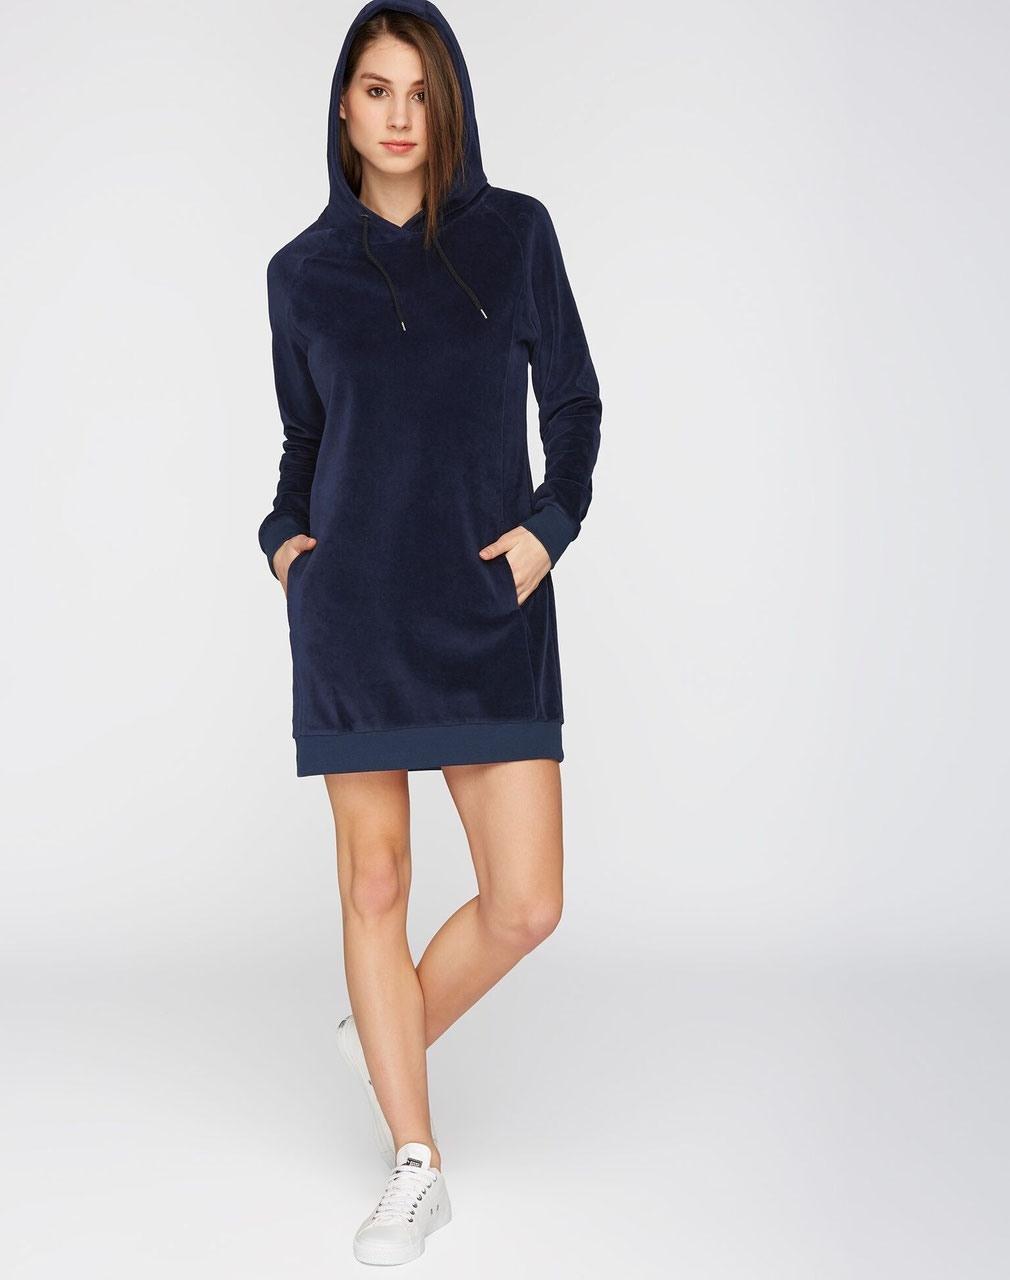 17 Kreativ Schönes Blaues Kleid Stylish15 Genial Schönes Blaues Kleid Stylish